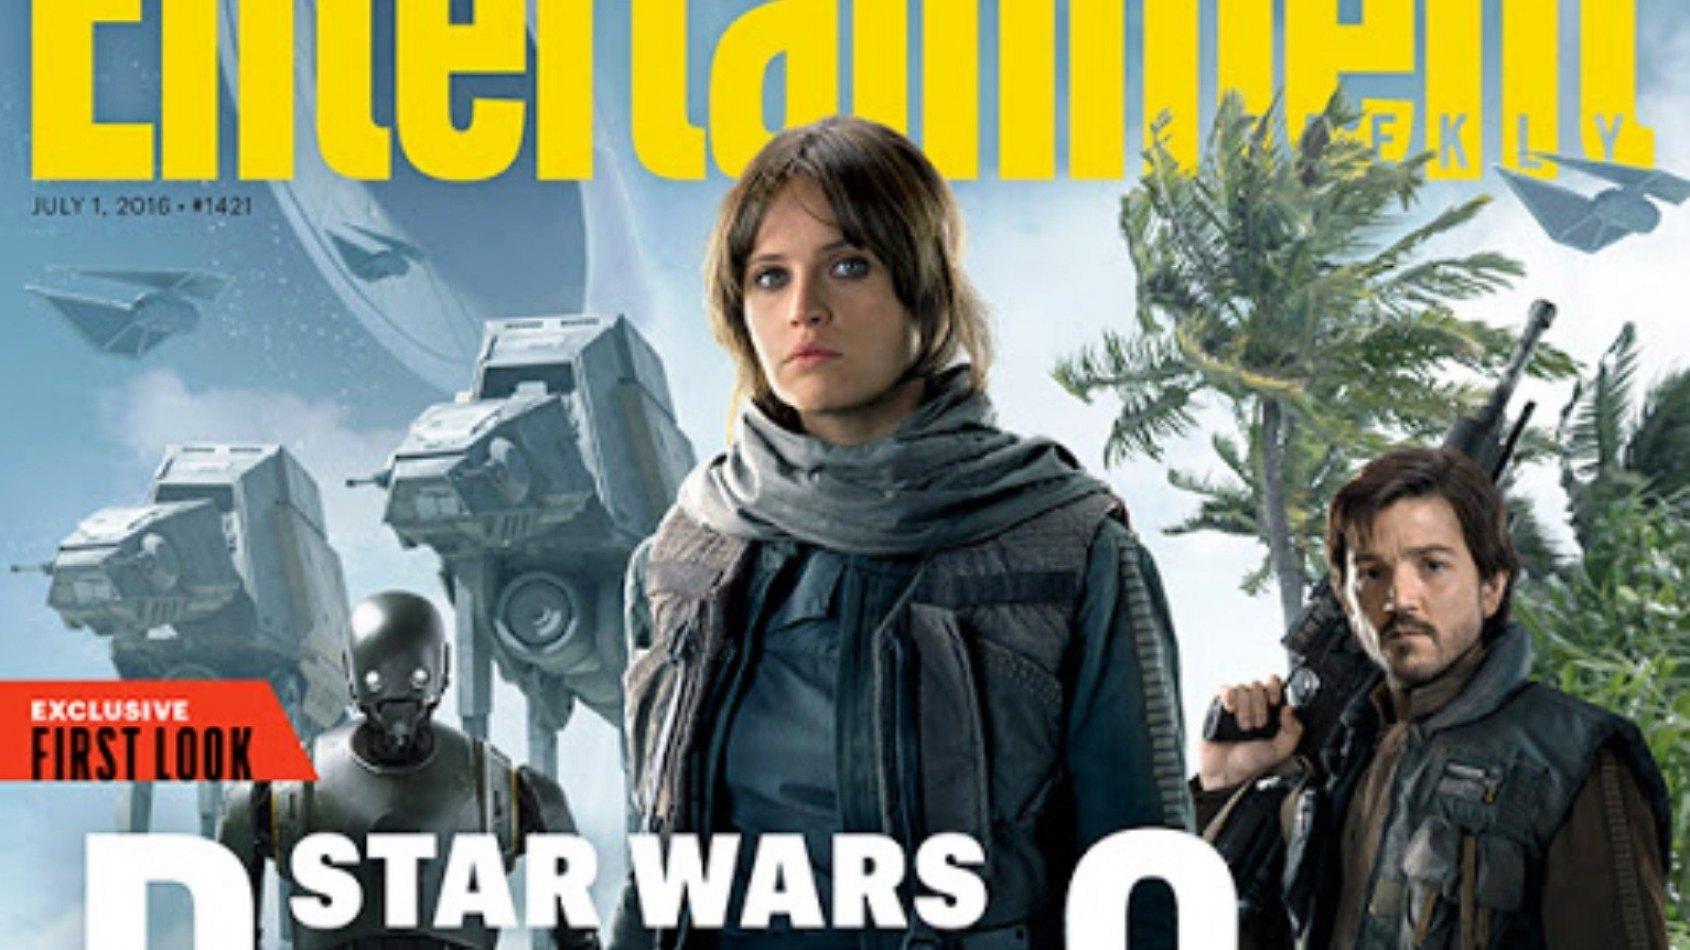 Entertainment Weekly révèle une tonne d'informations sur Rogue One